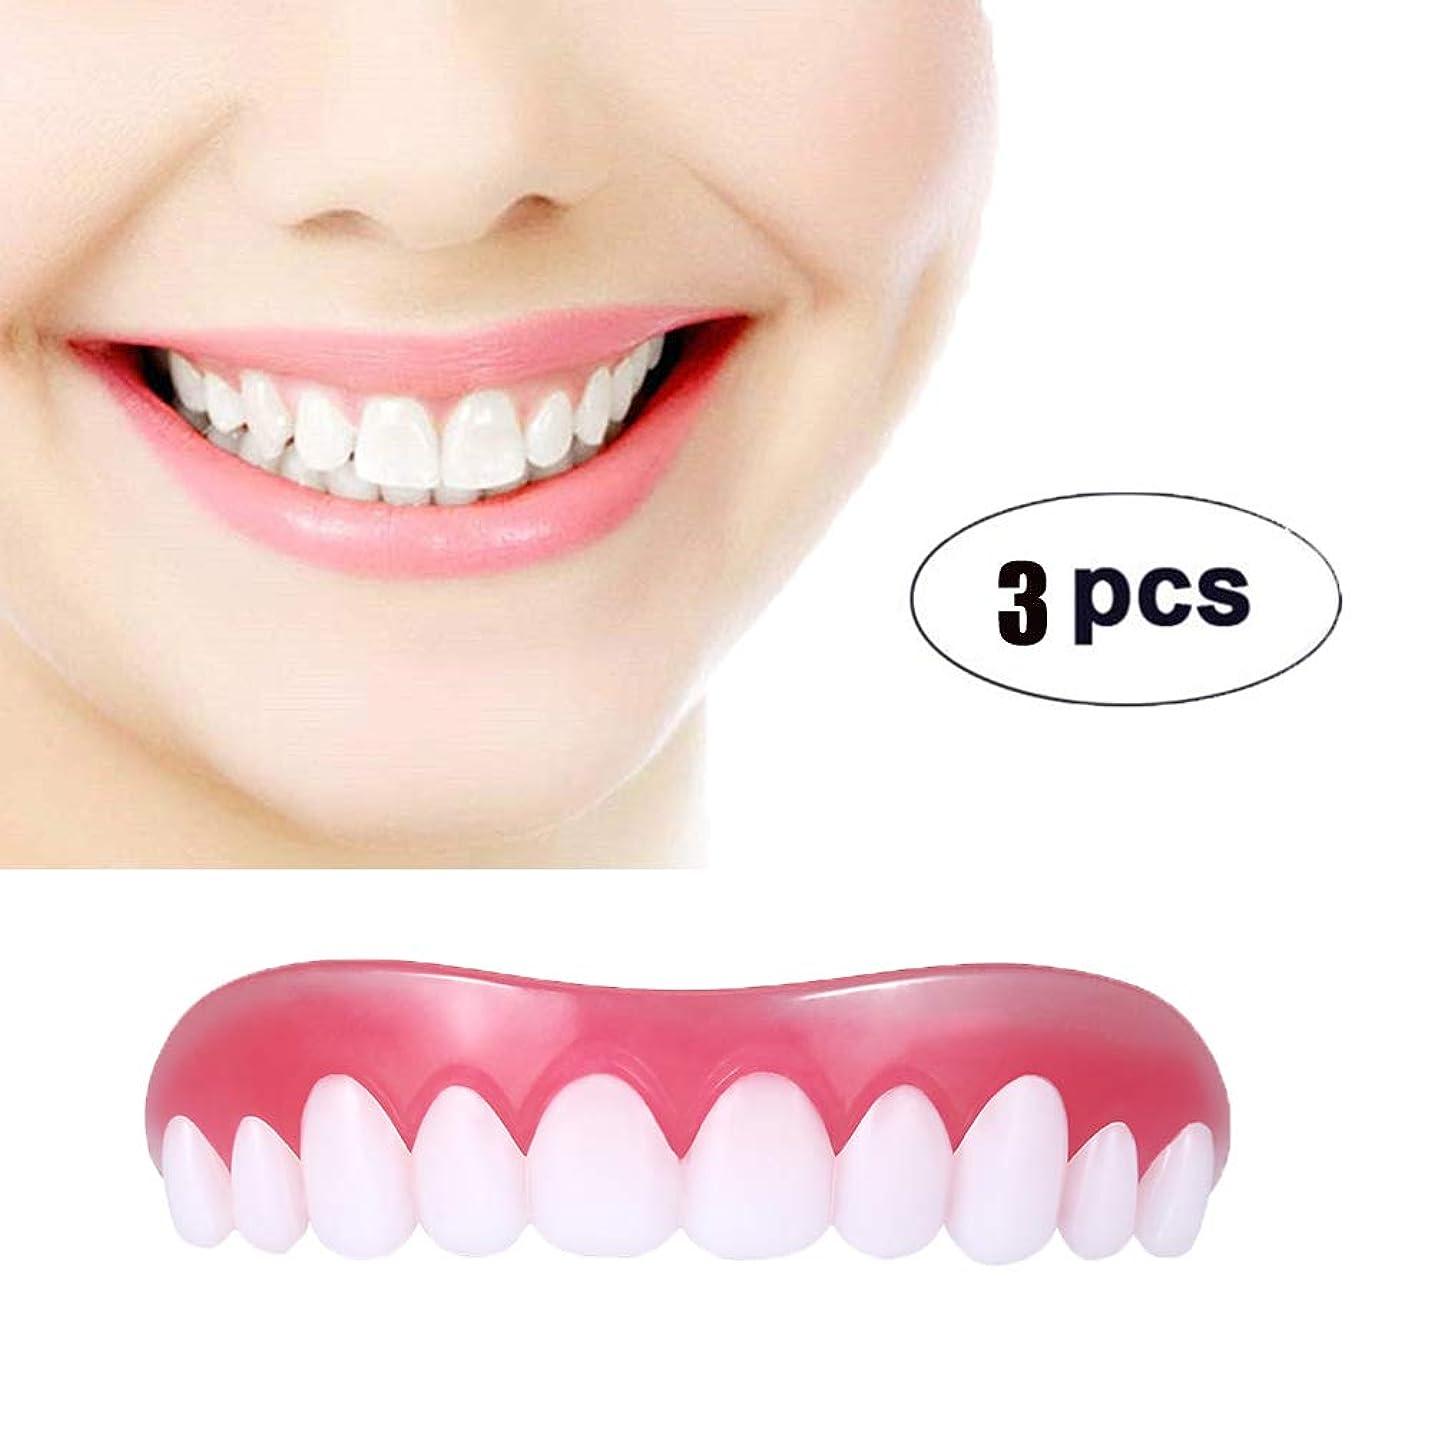 アーサーコナンドイルスポンジ無臭3ピースパーフェクトスマイル-インスタントスマイルベニアアッパースナップ化粧品の歯の変身セット安全な自信を持って笑顔の偽の歯の交換